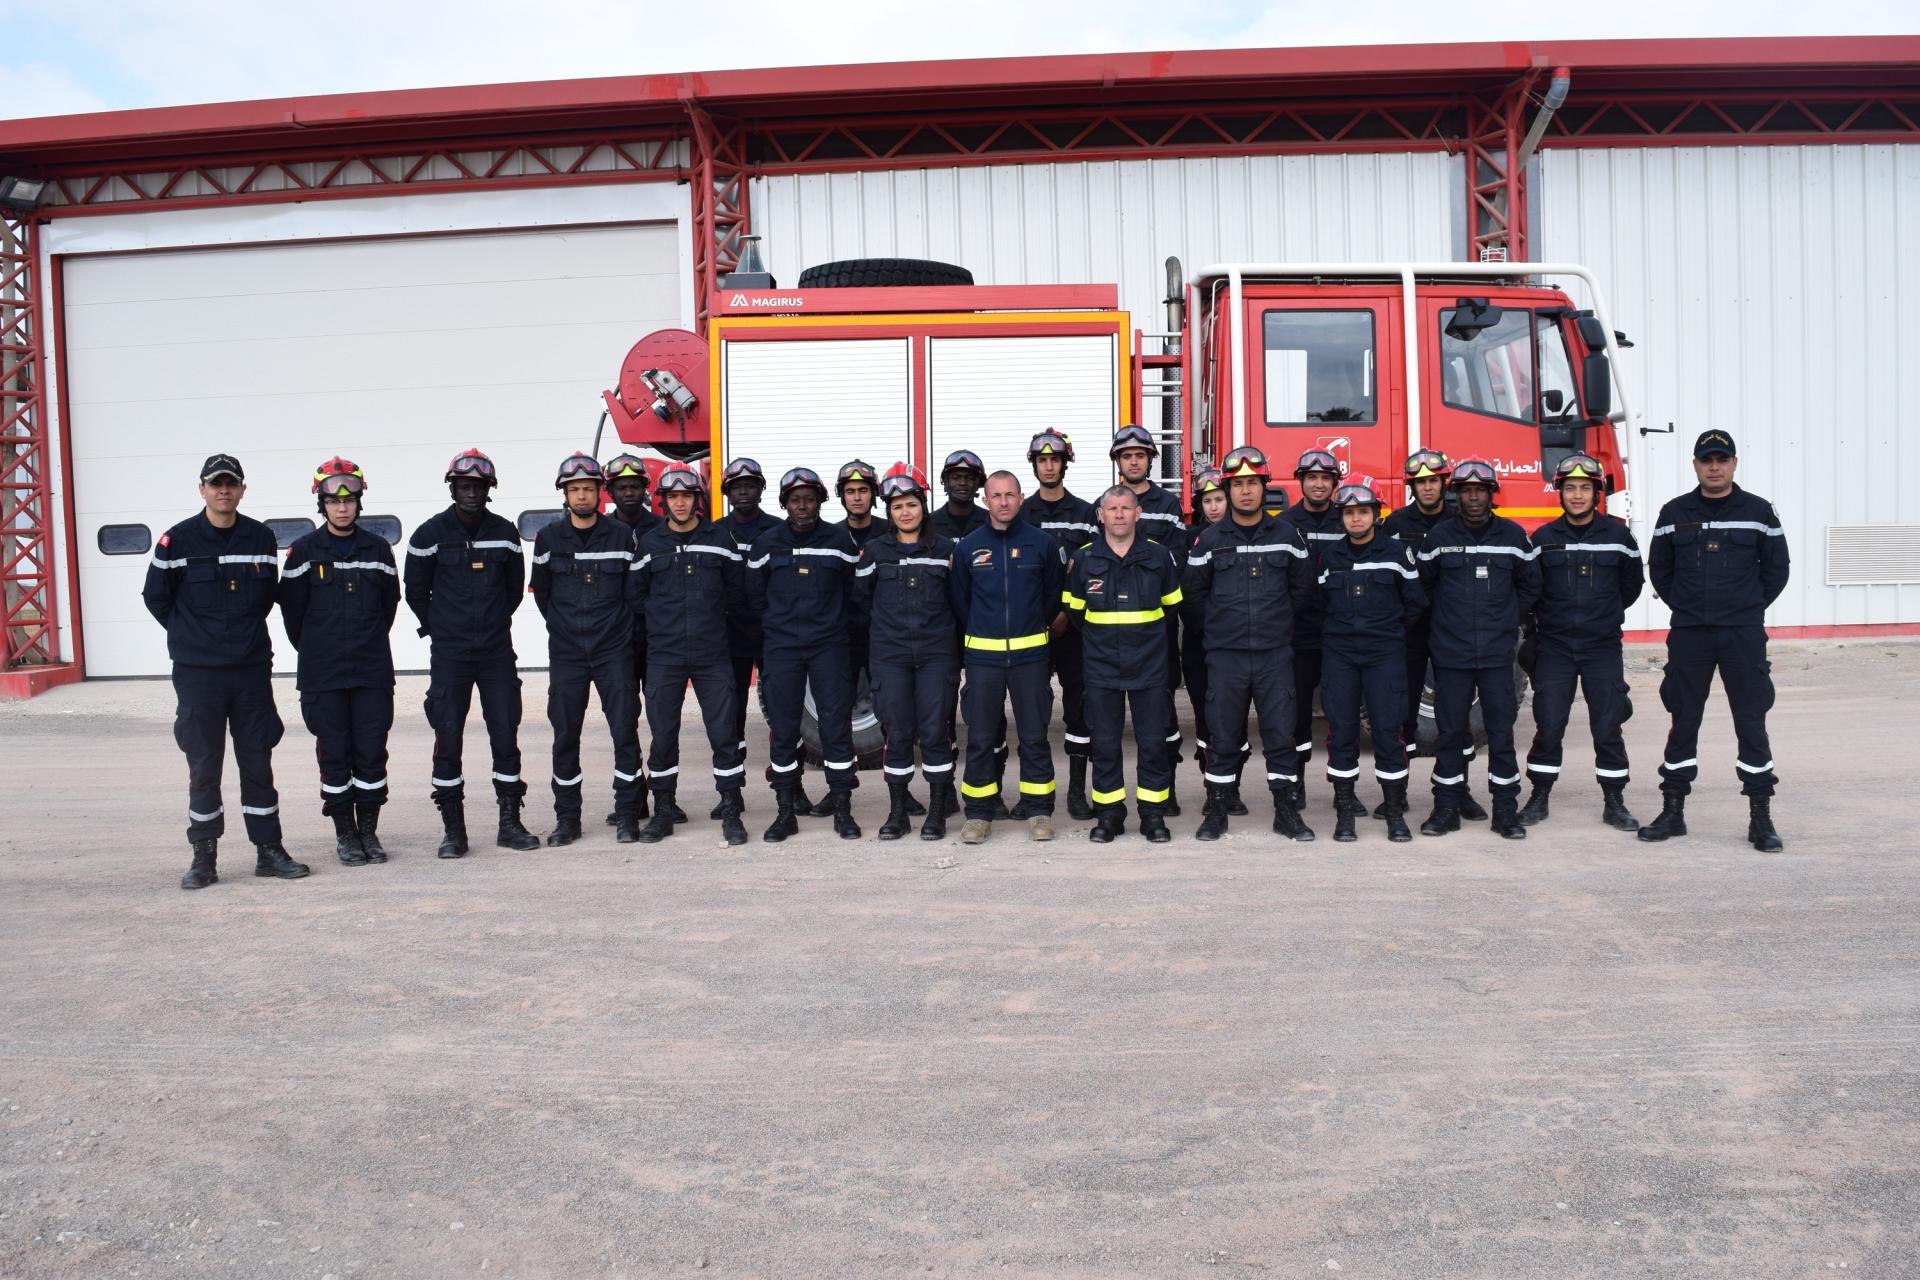 Fin du stage de formation de spécialité (FDF-Niveau1/2) pour les officiers de l'école d'application